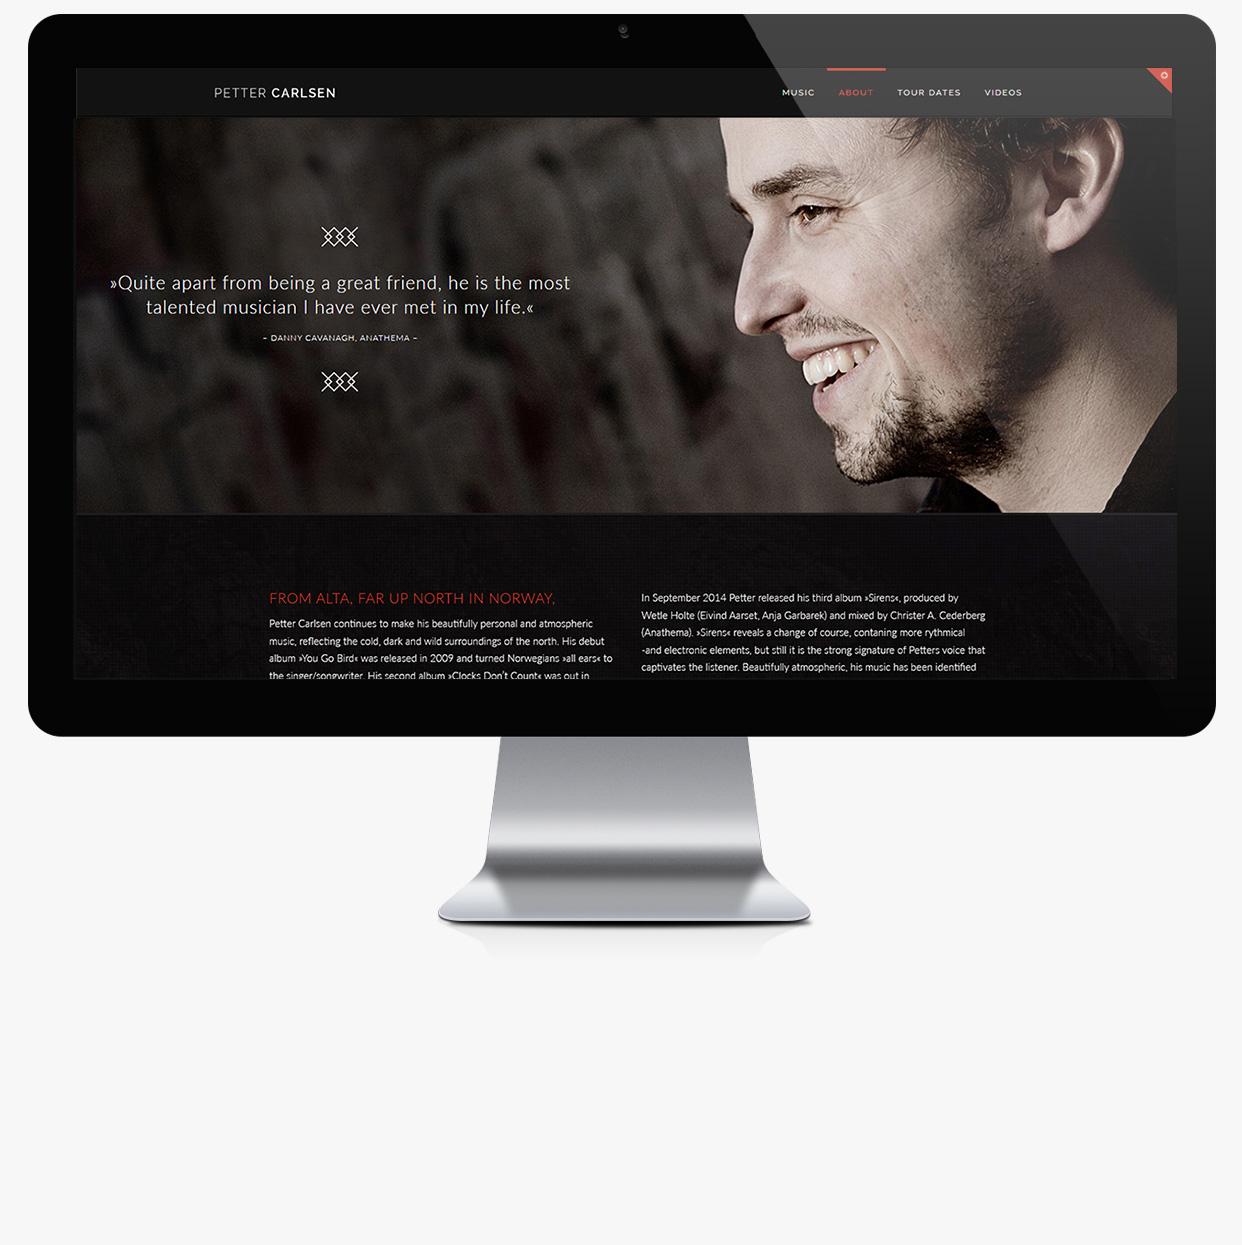 pettercarlsen-web-about